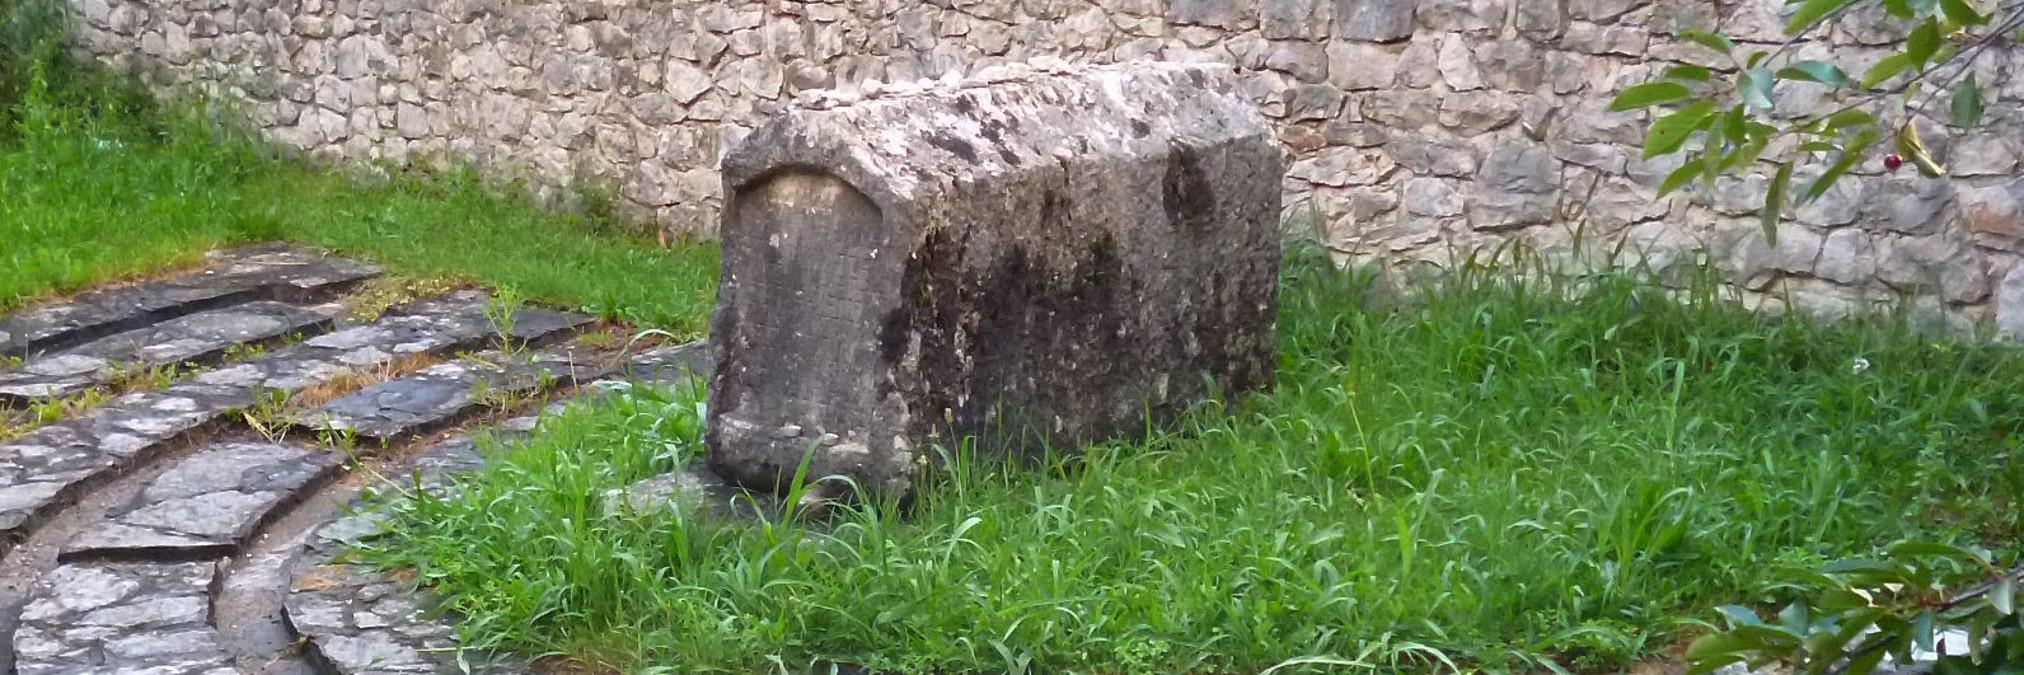 Могила Моше Данона